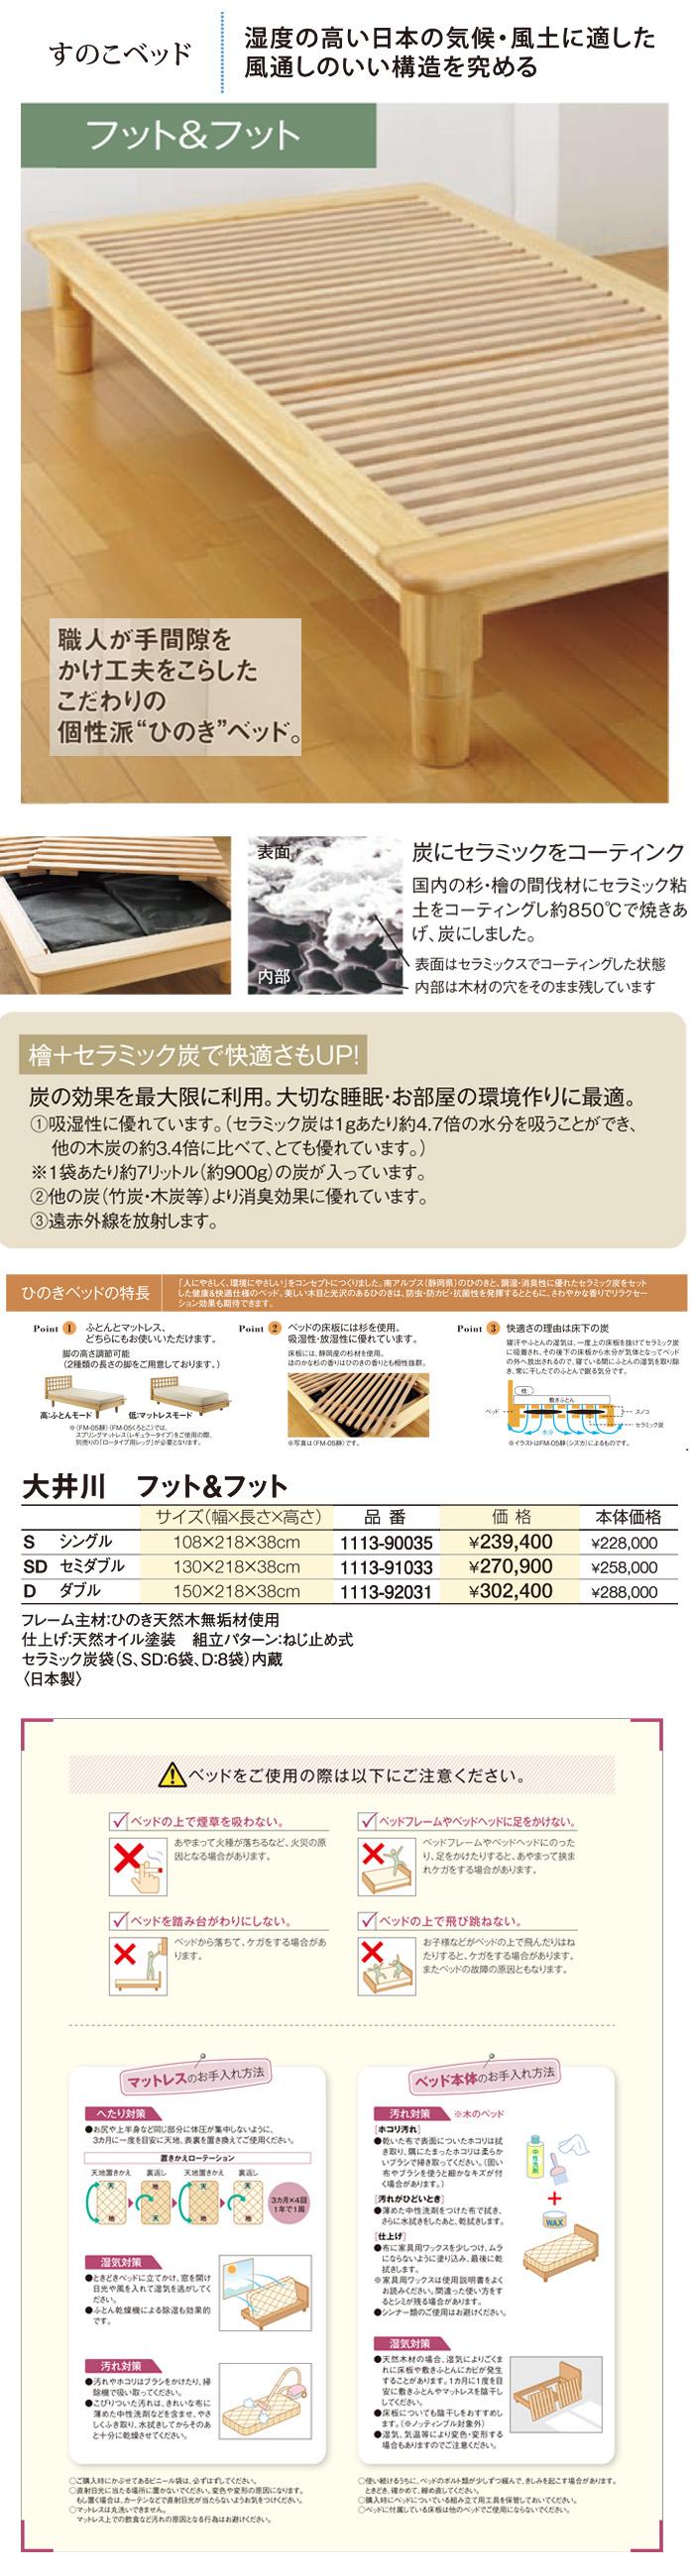 大井川 西川リビング フット&フット